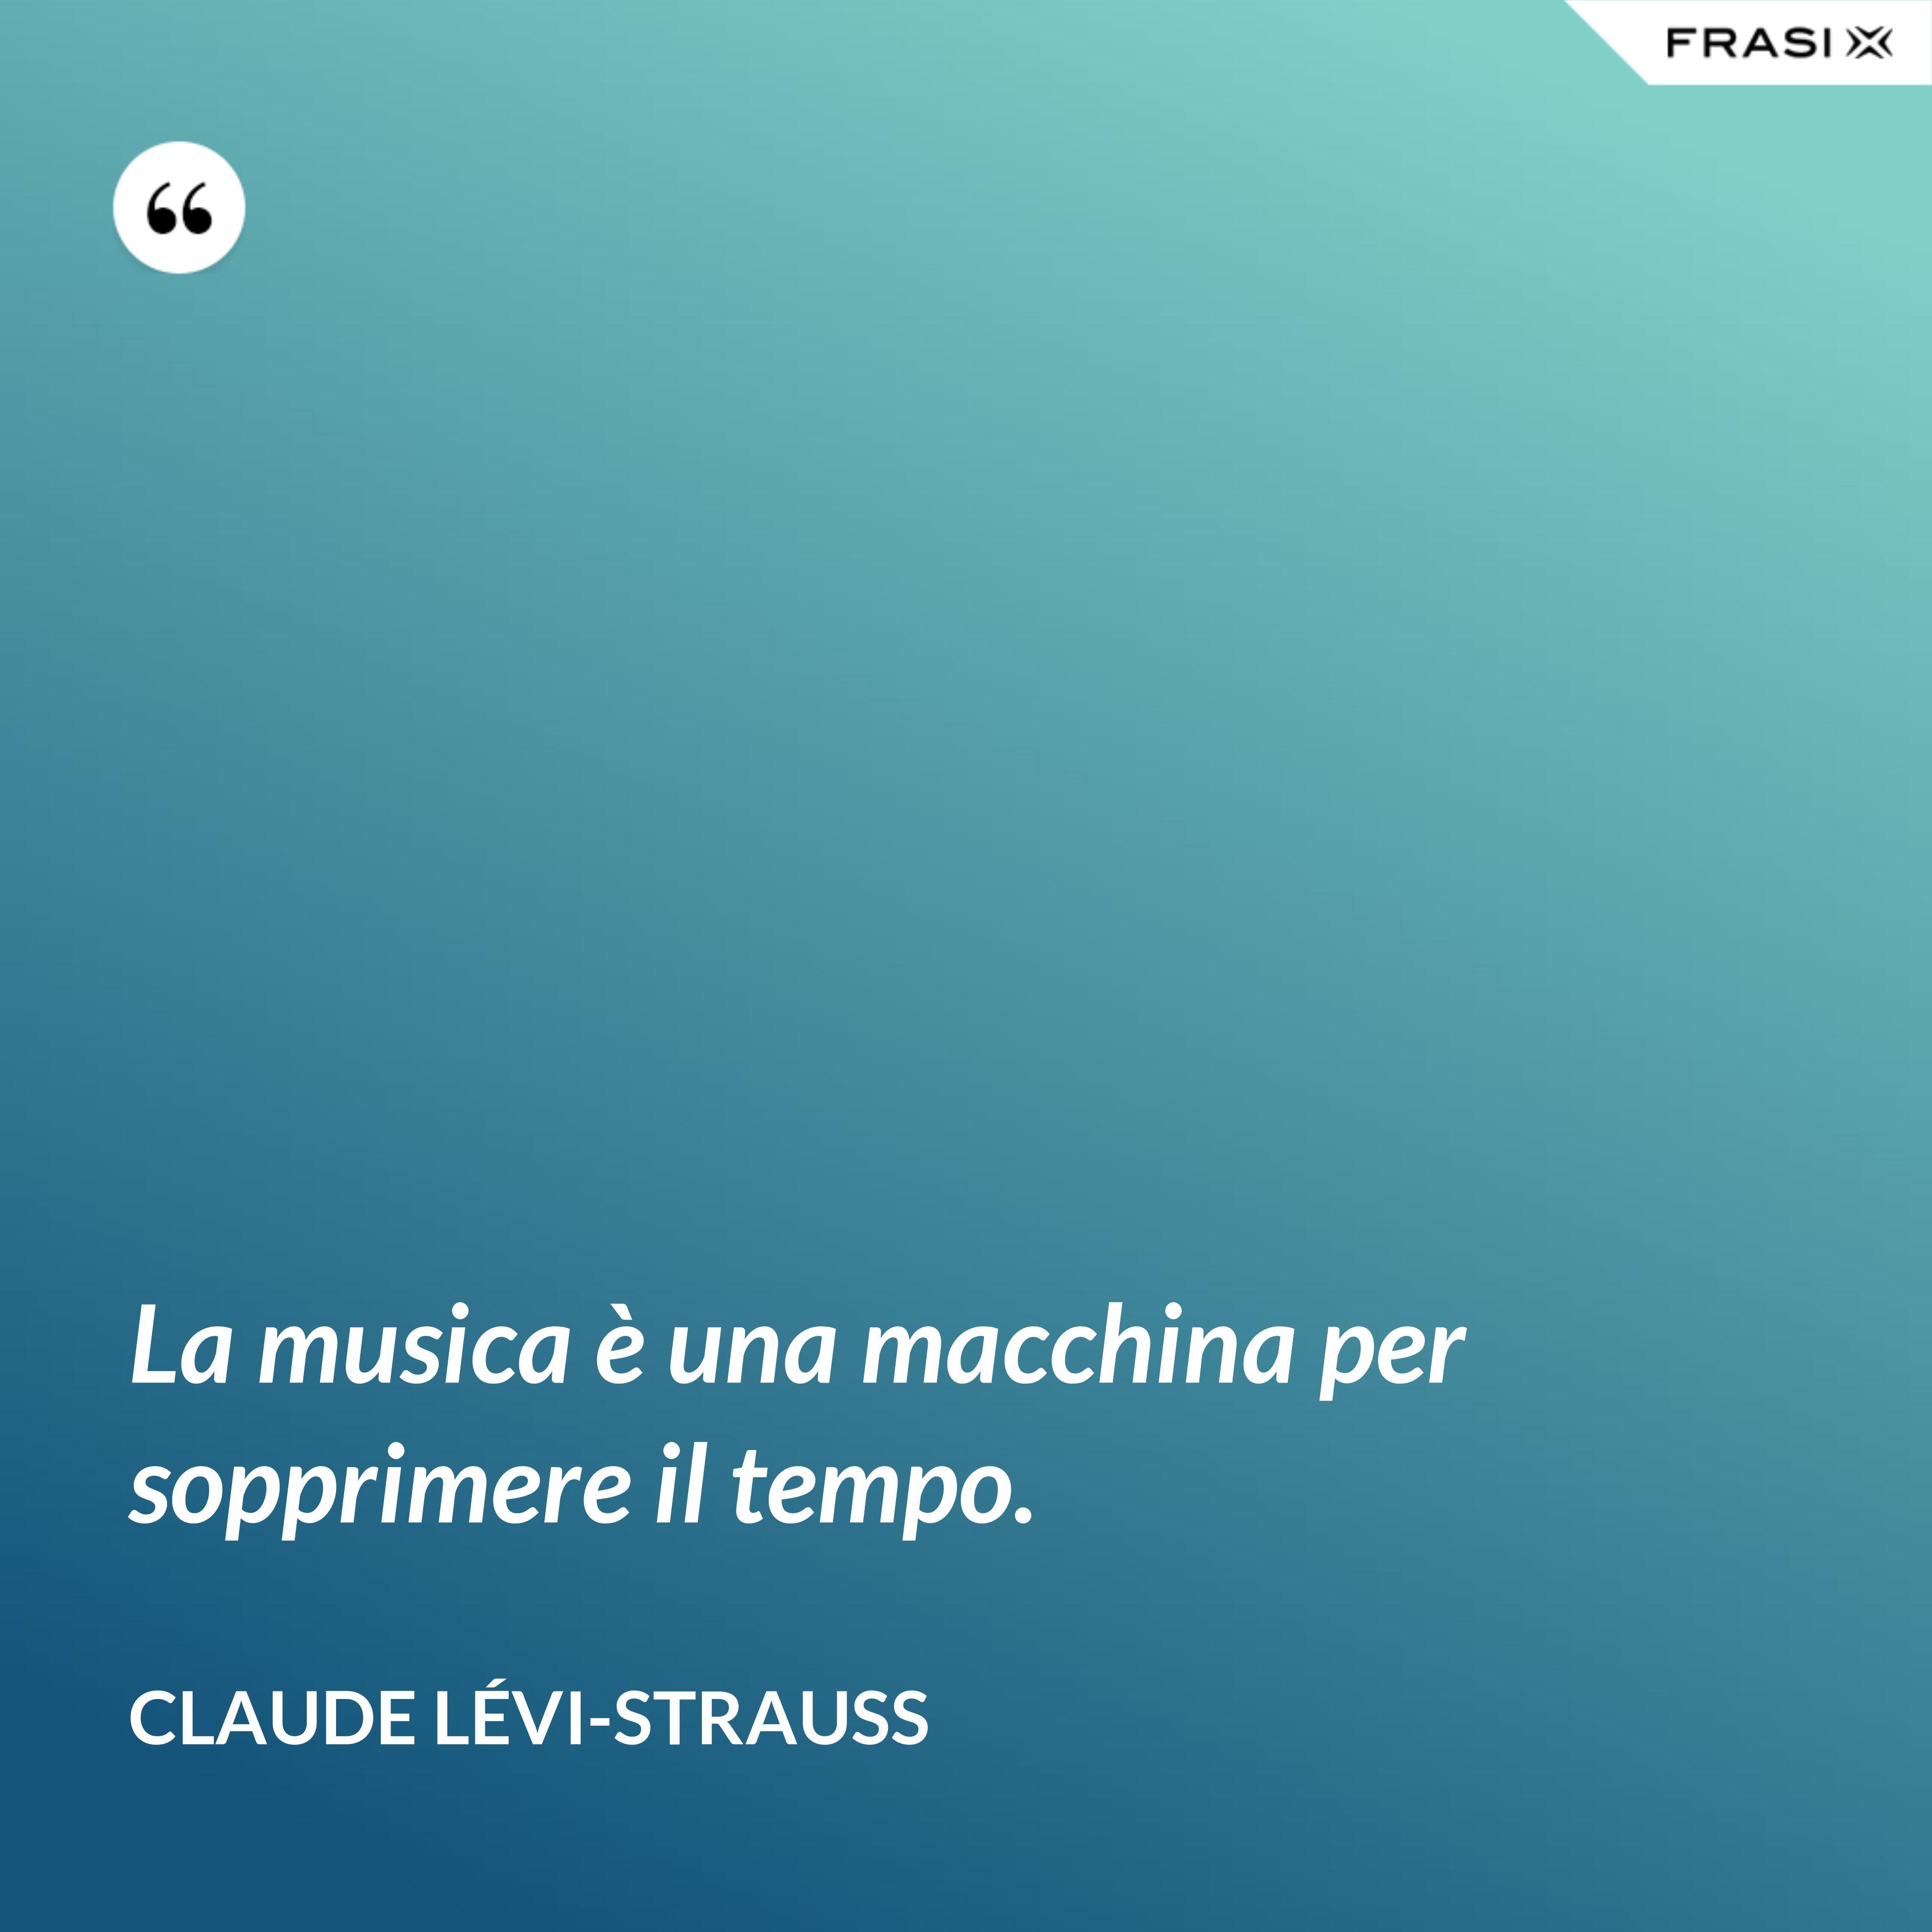 La musica è una macchina per sopprimere il tempo. - Claude Lévi-Strauss